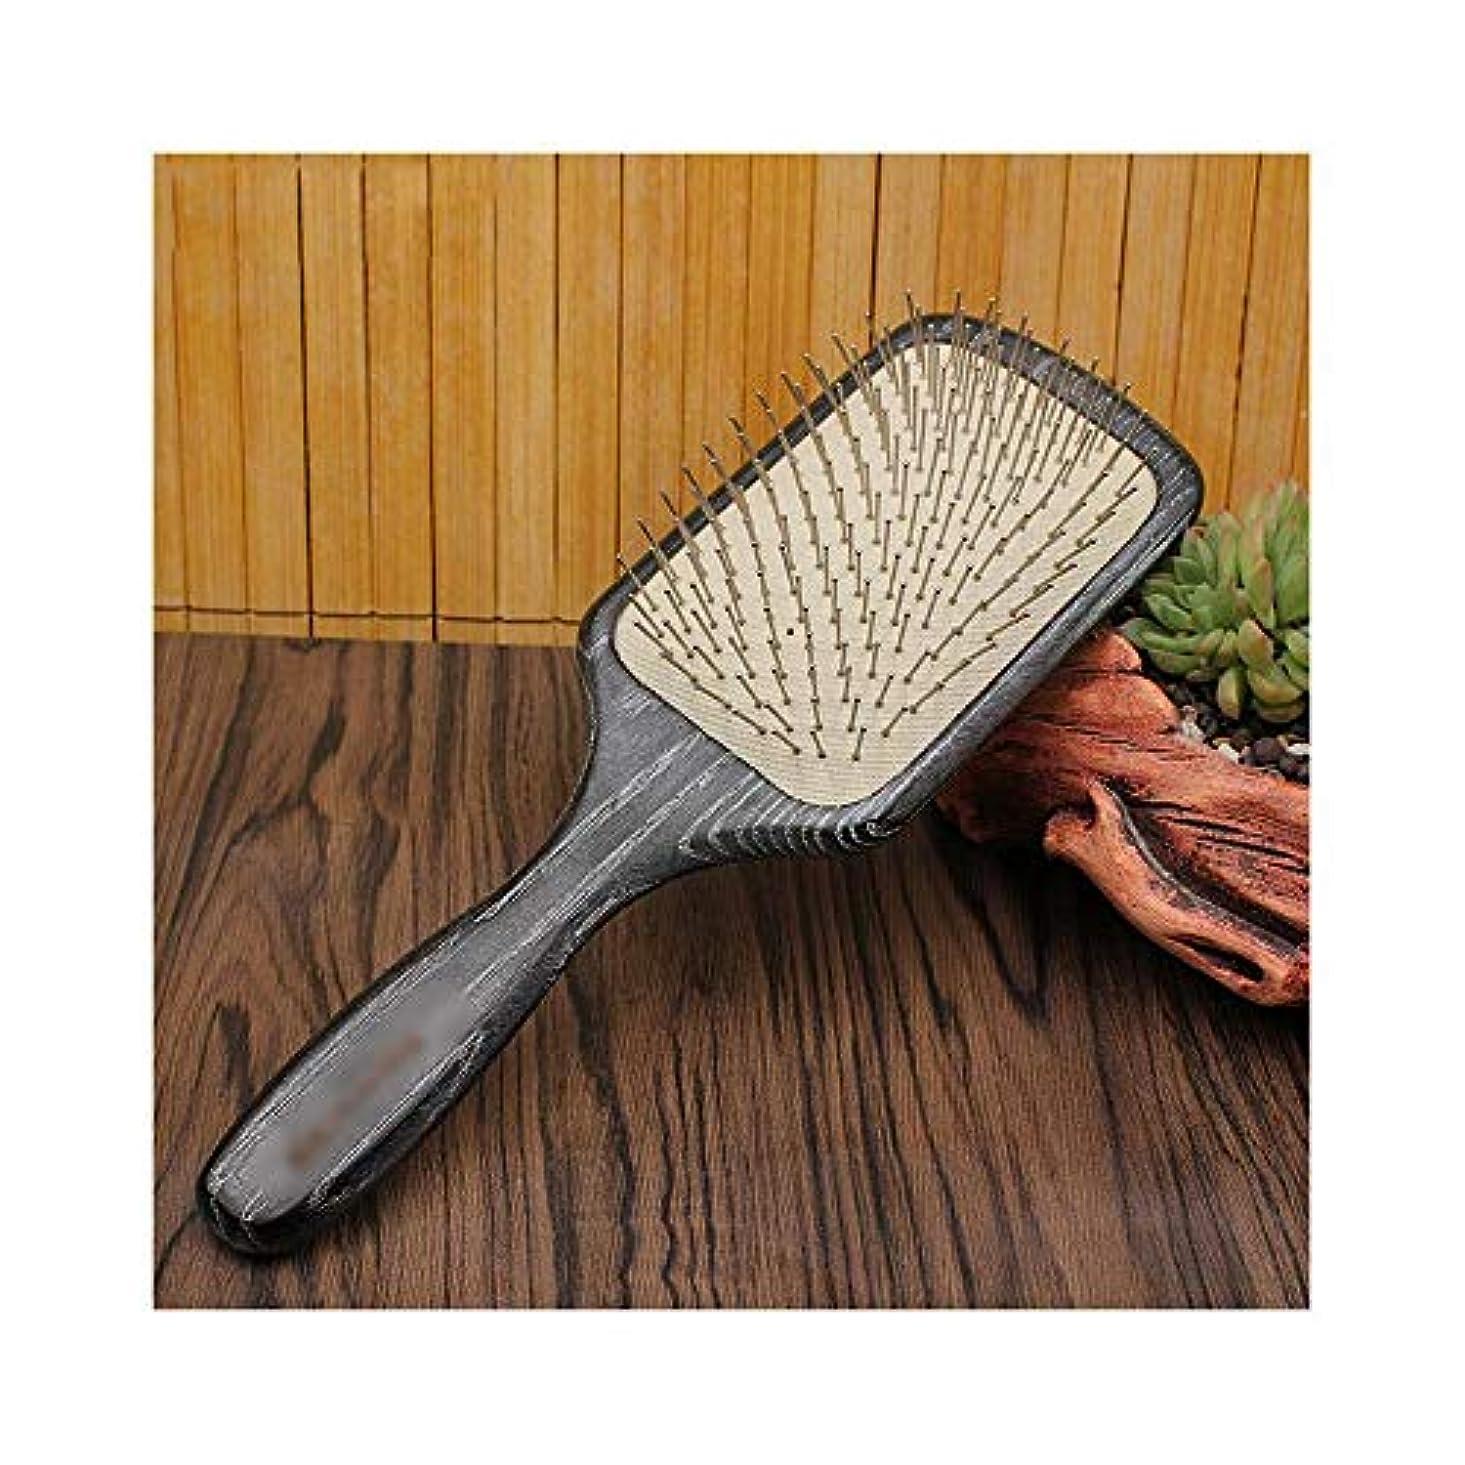 札入れすみません難破船WASAIO ヘアブラシ木製の手作りの頭皮マッサージエアクッションヘアコームリラックスとスタイリング帯電防止ブラシ (色 : Square)